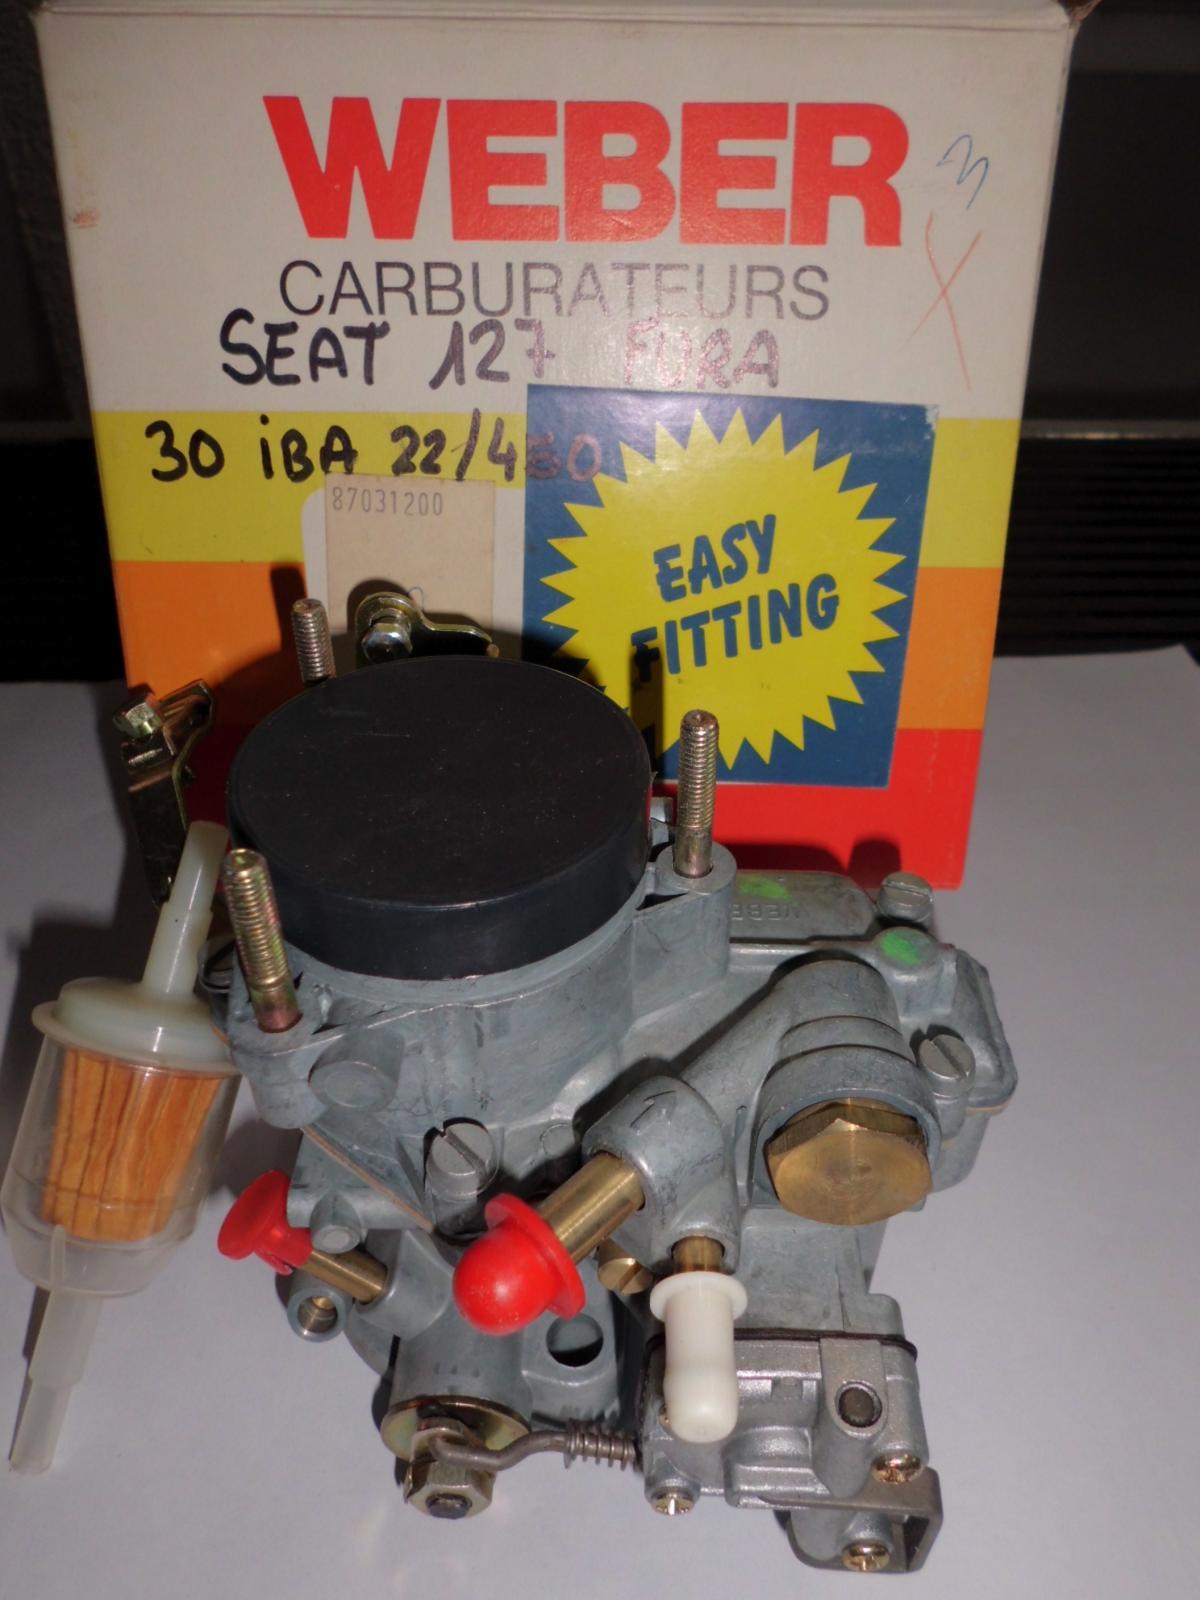 Carburador de Seat 127 Fura